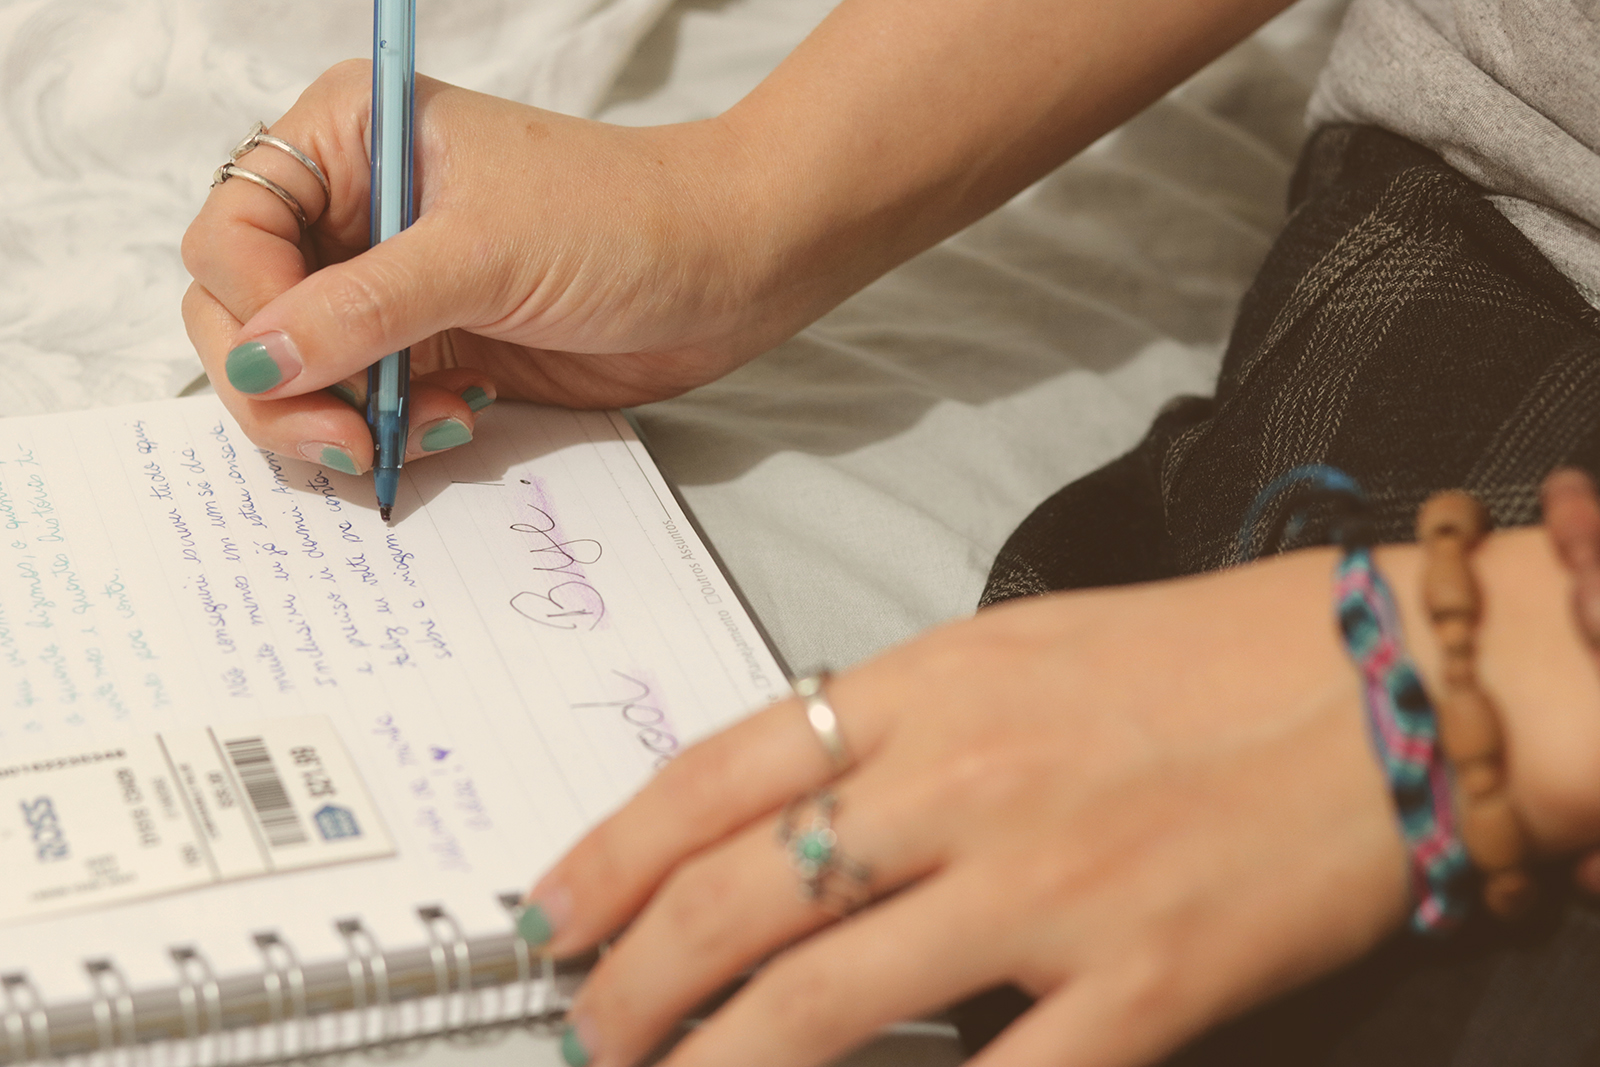 garota escrevendo no bullet jornal